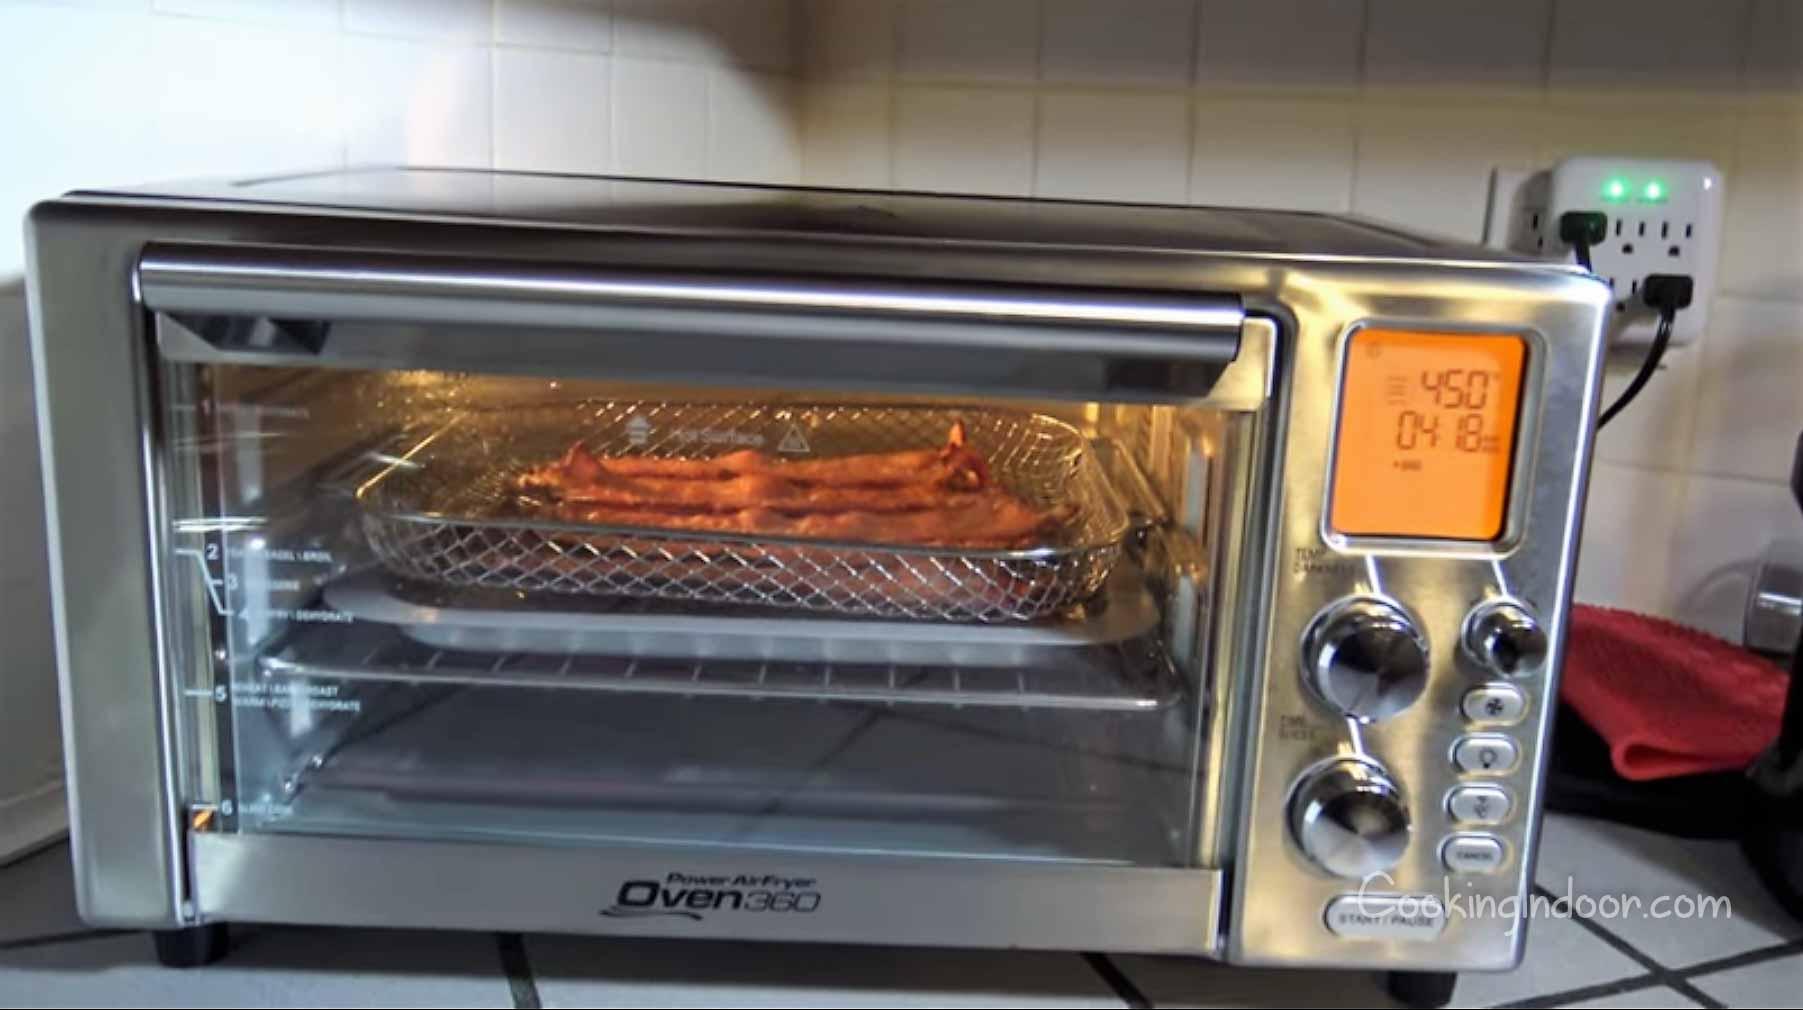 Best Amazon toaster oven